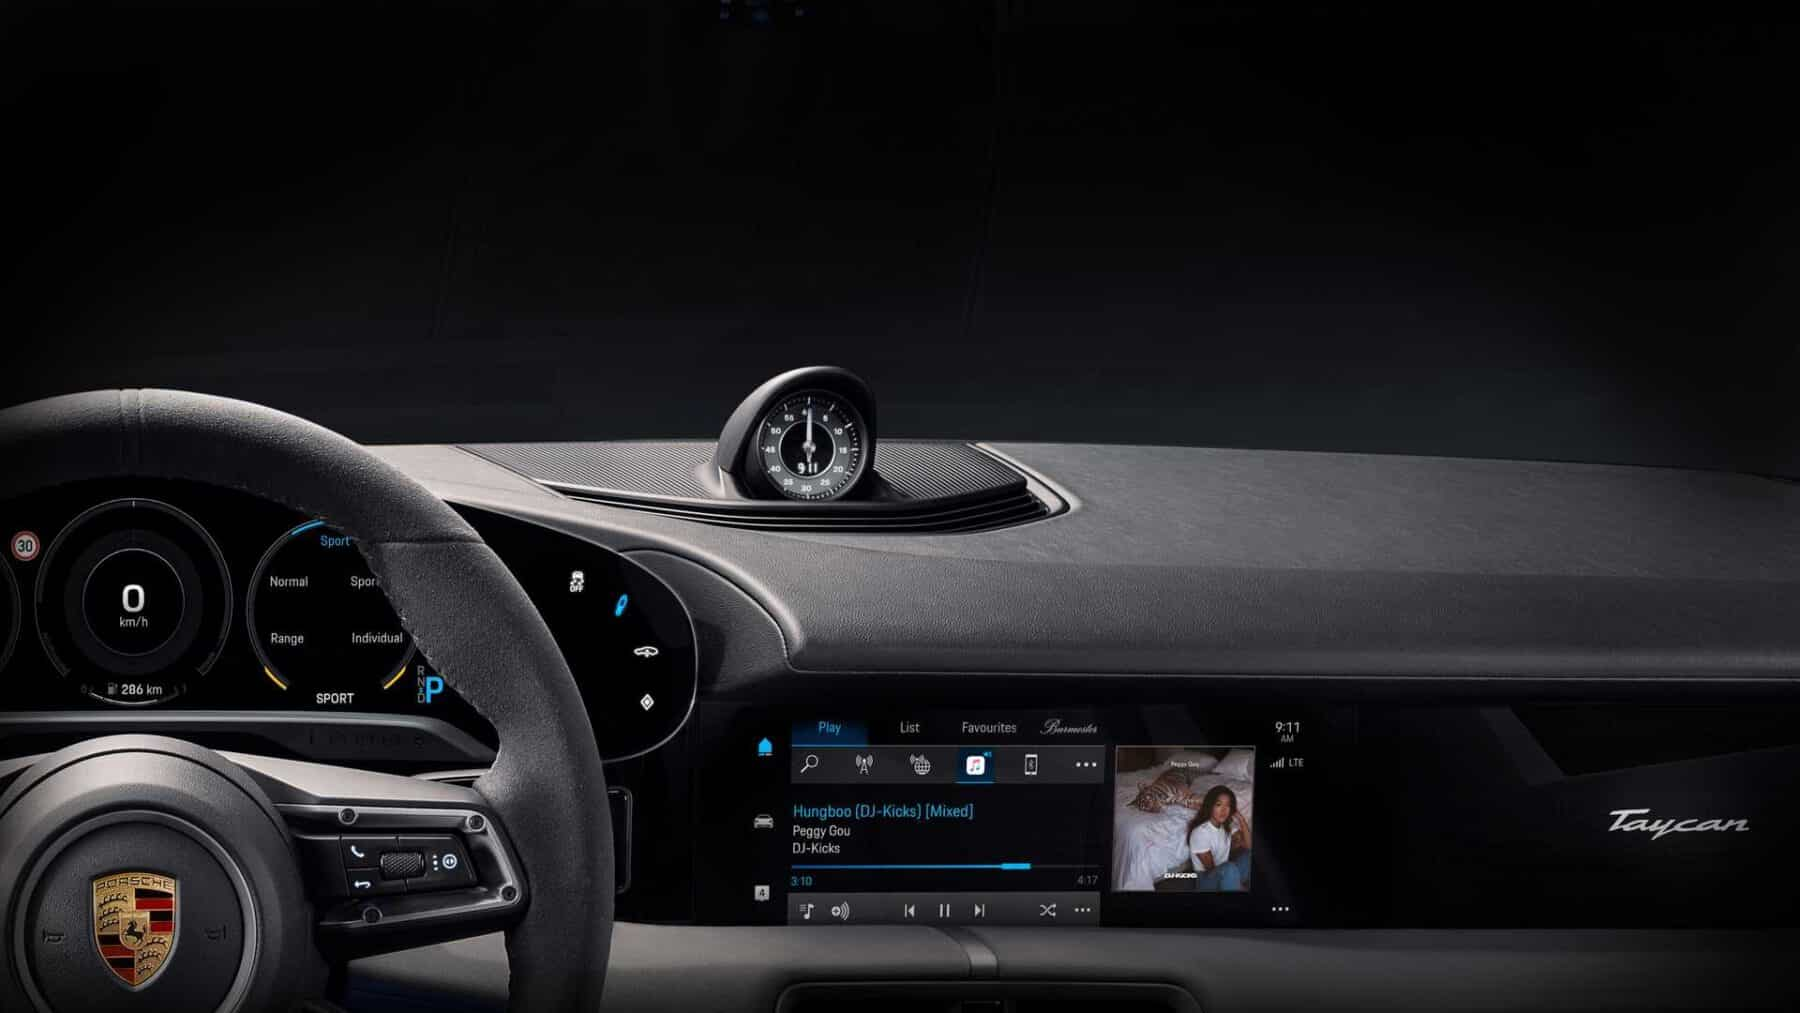 El Porsche Taycan traerá Apple Music completamente integrado en el navegador